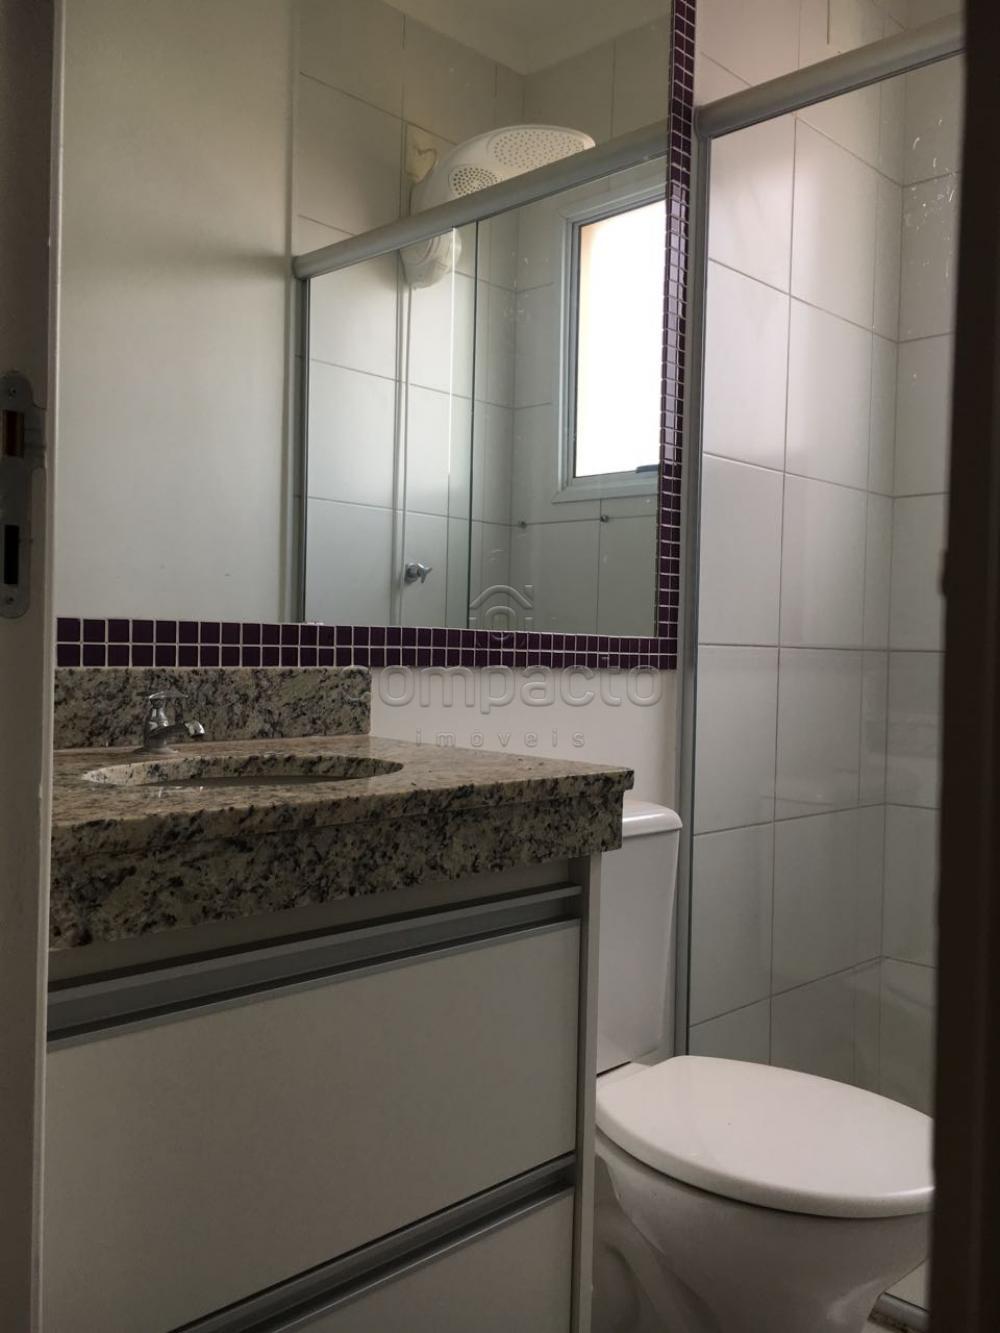 Comprar Casa / Condomínio em São José do Rio Preto apenas R$ 375.000,00 - Foto 9